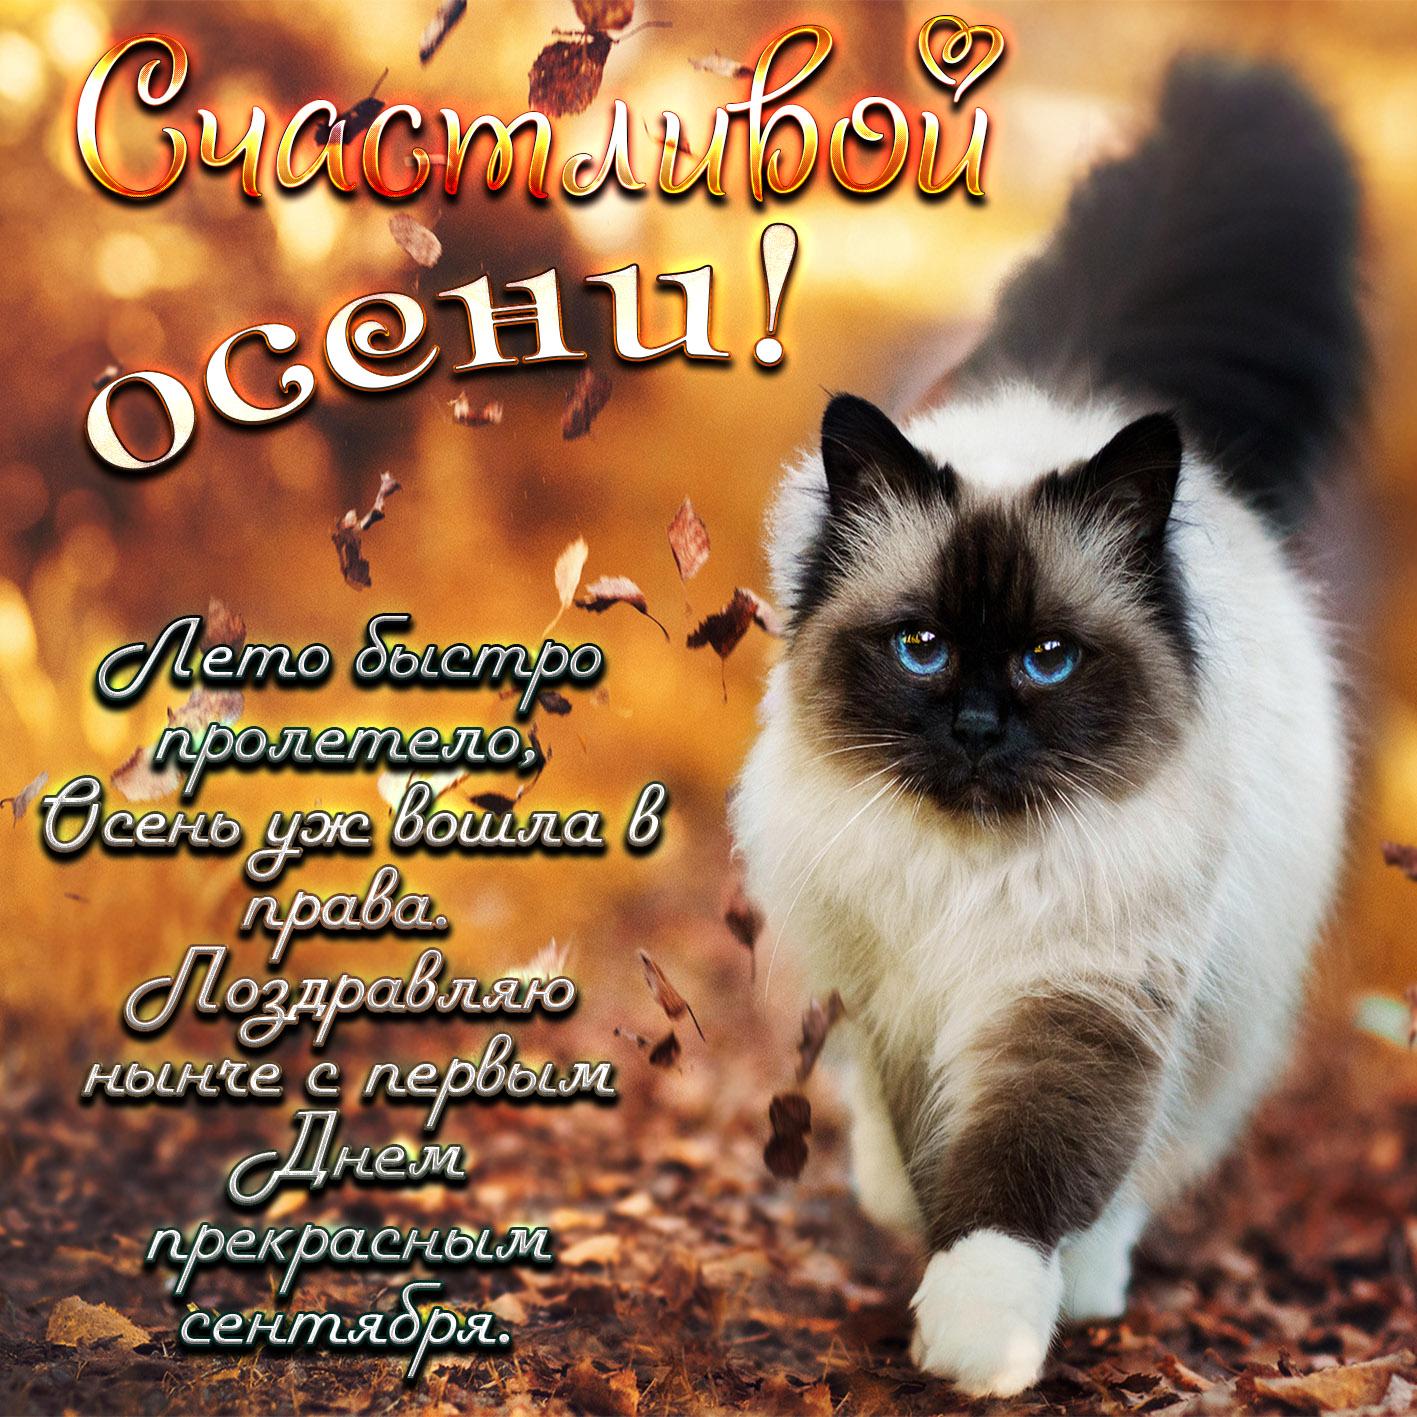 Открытка с котиком и пожеланием на первый день осени